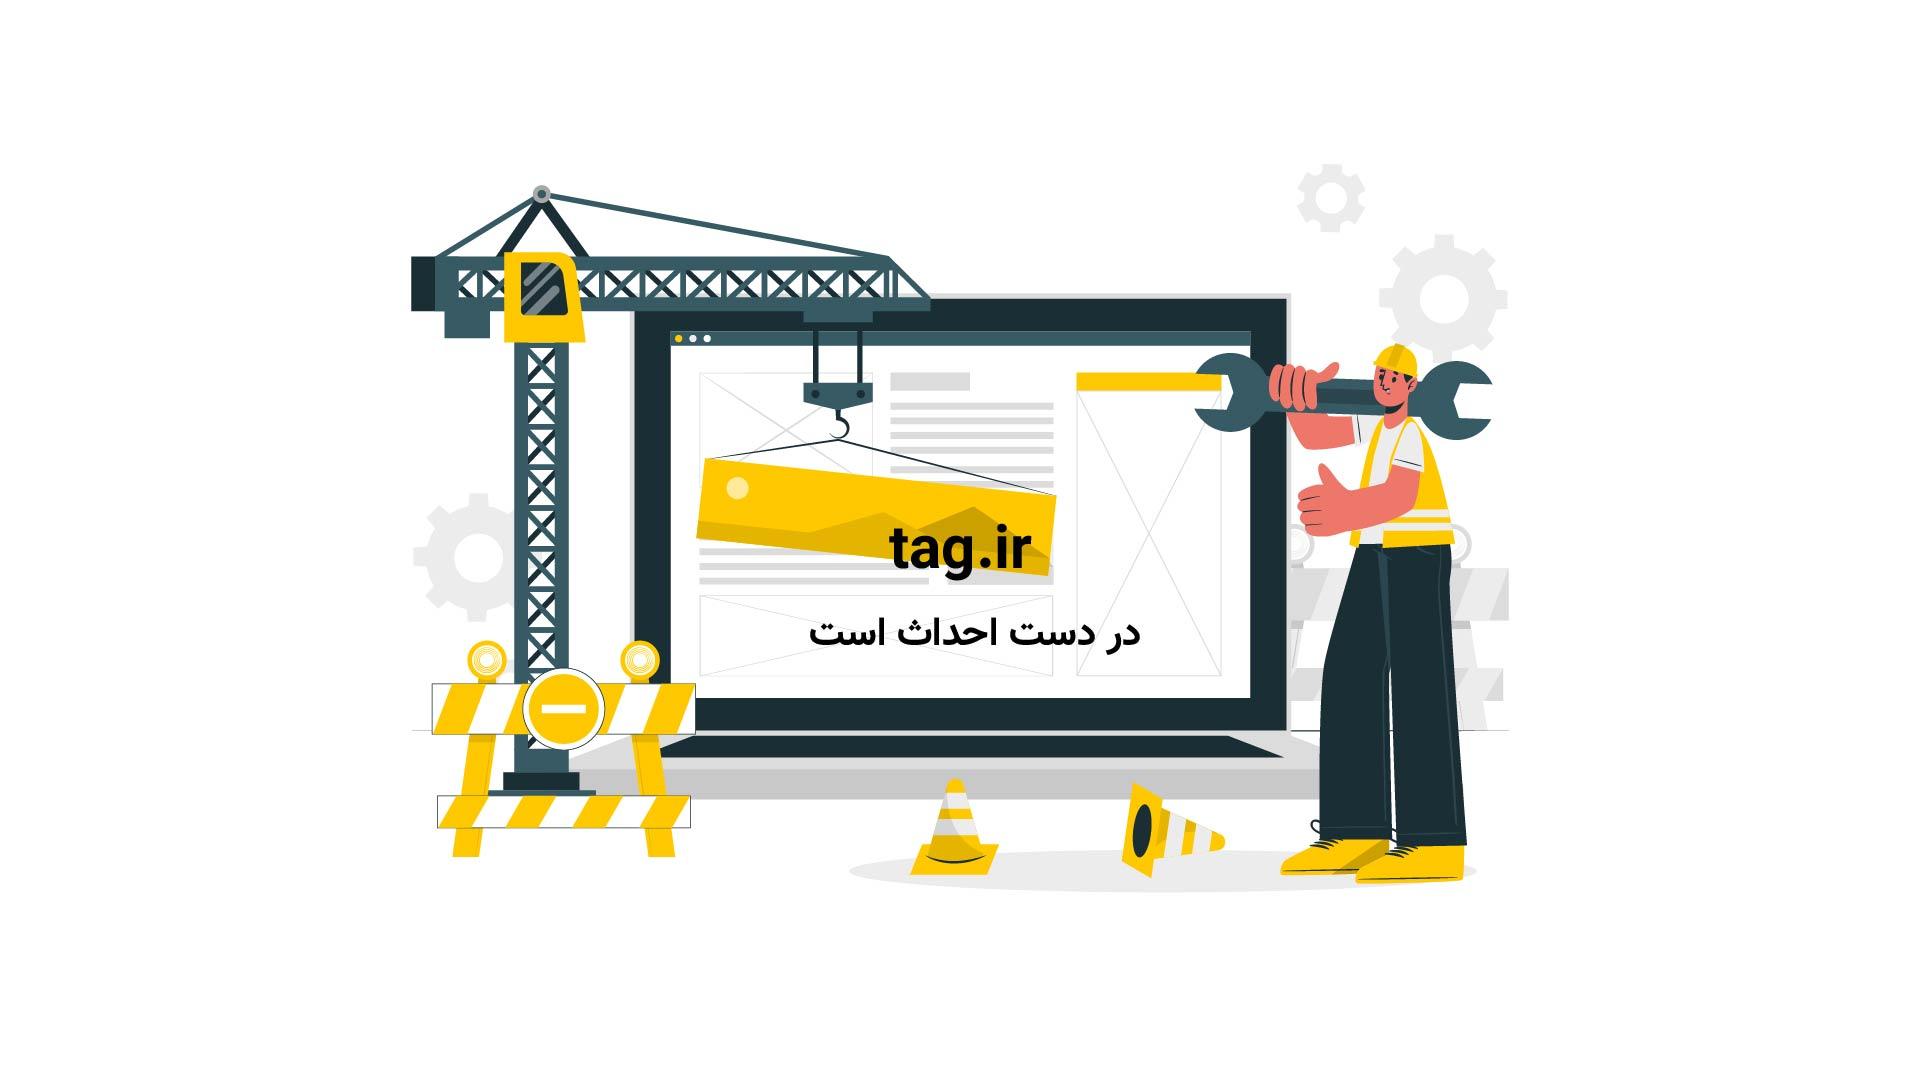 ۱۰ خوراکی سرشار از آنتی اکسیدان که روند پیری را کند میکند | فیلم